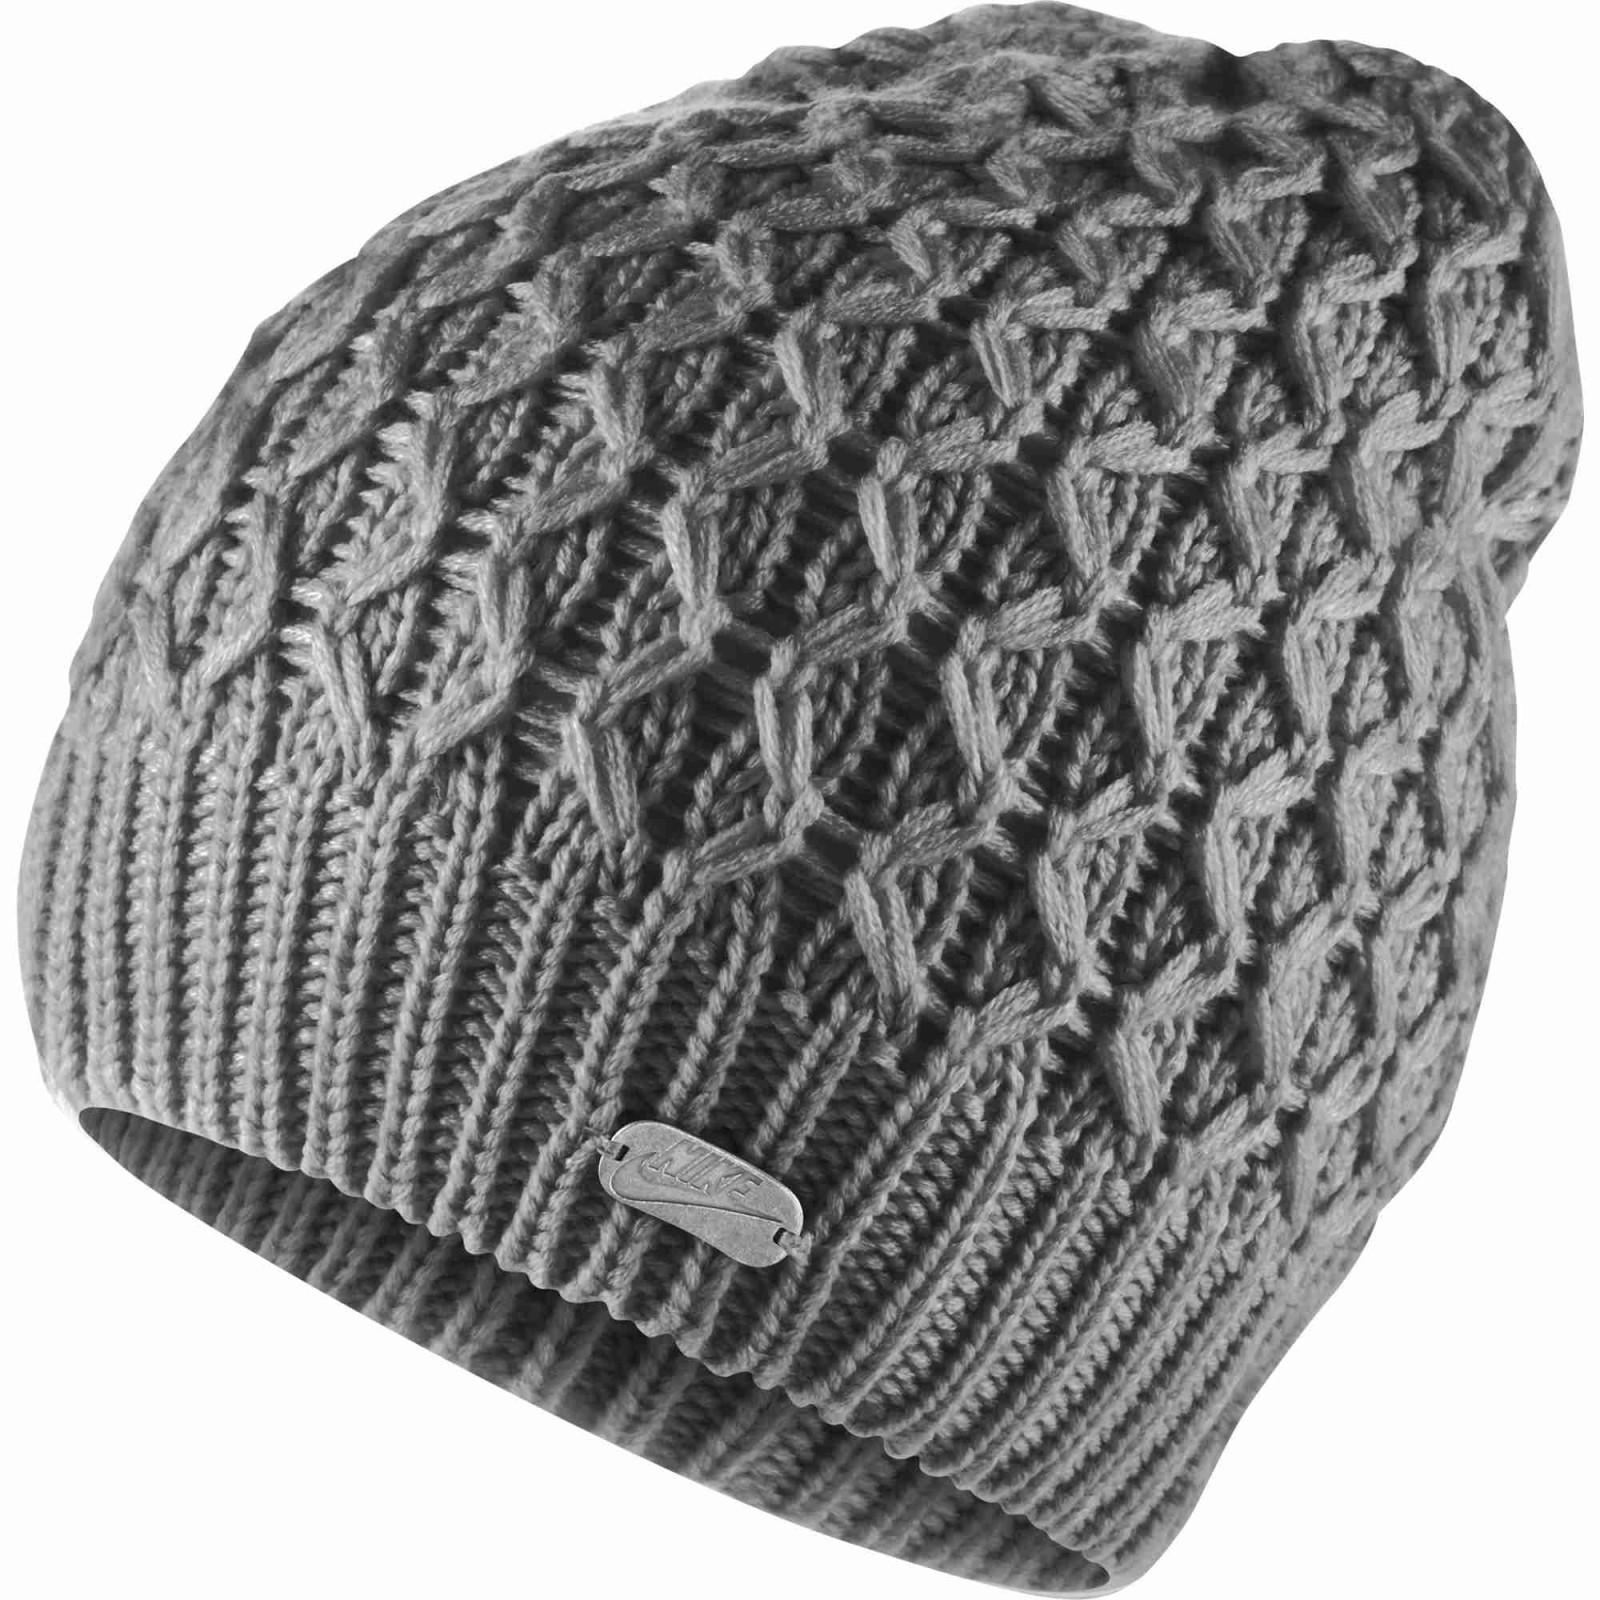 69e2468a0f6 Dámská zimní čepice Nike SLOUCHY BEANIE